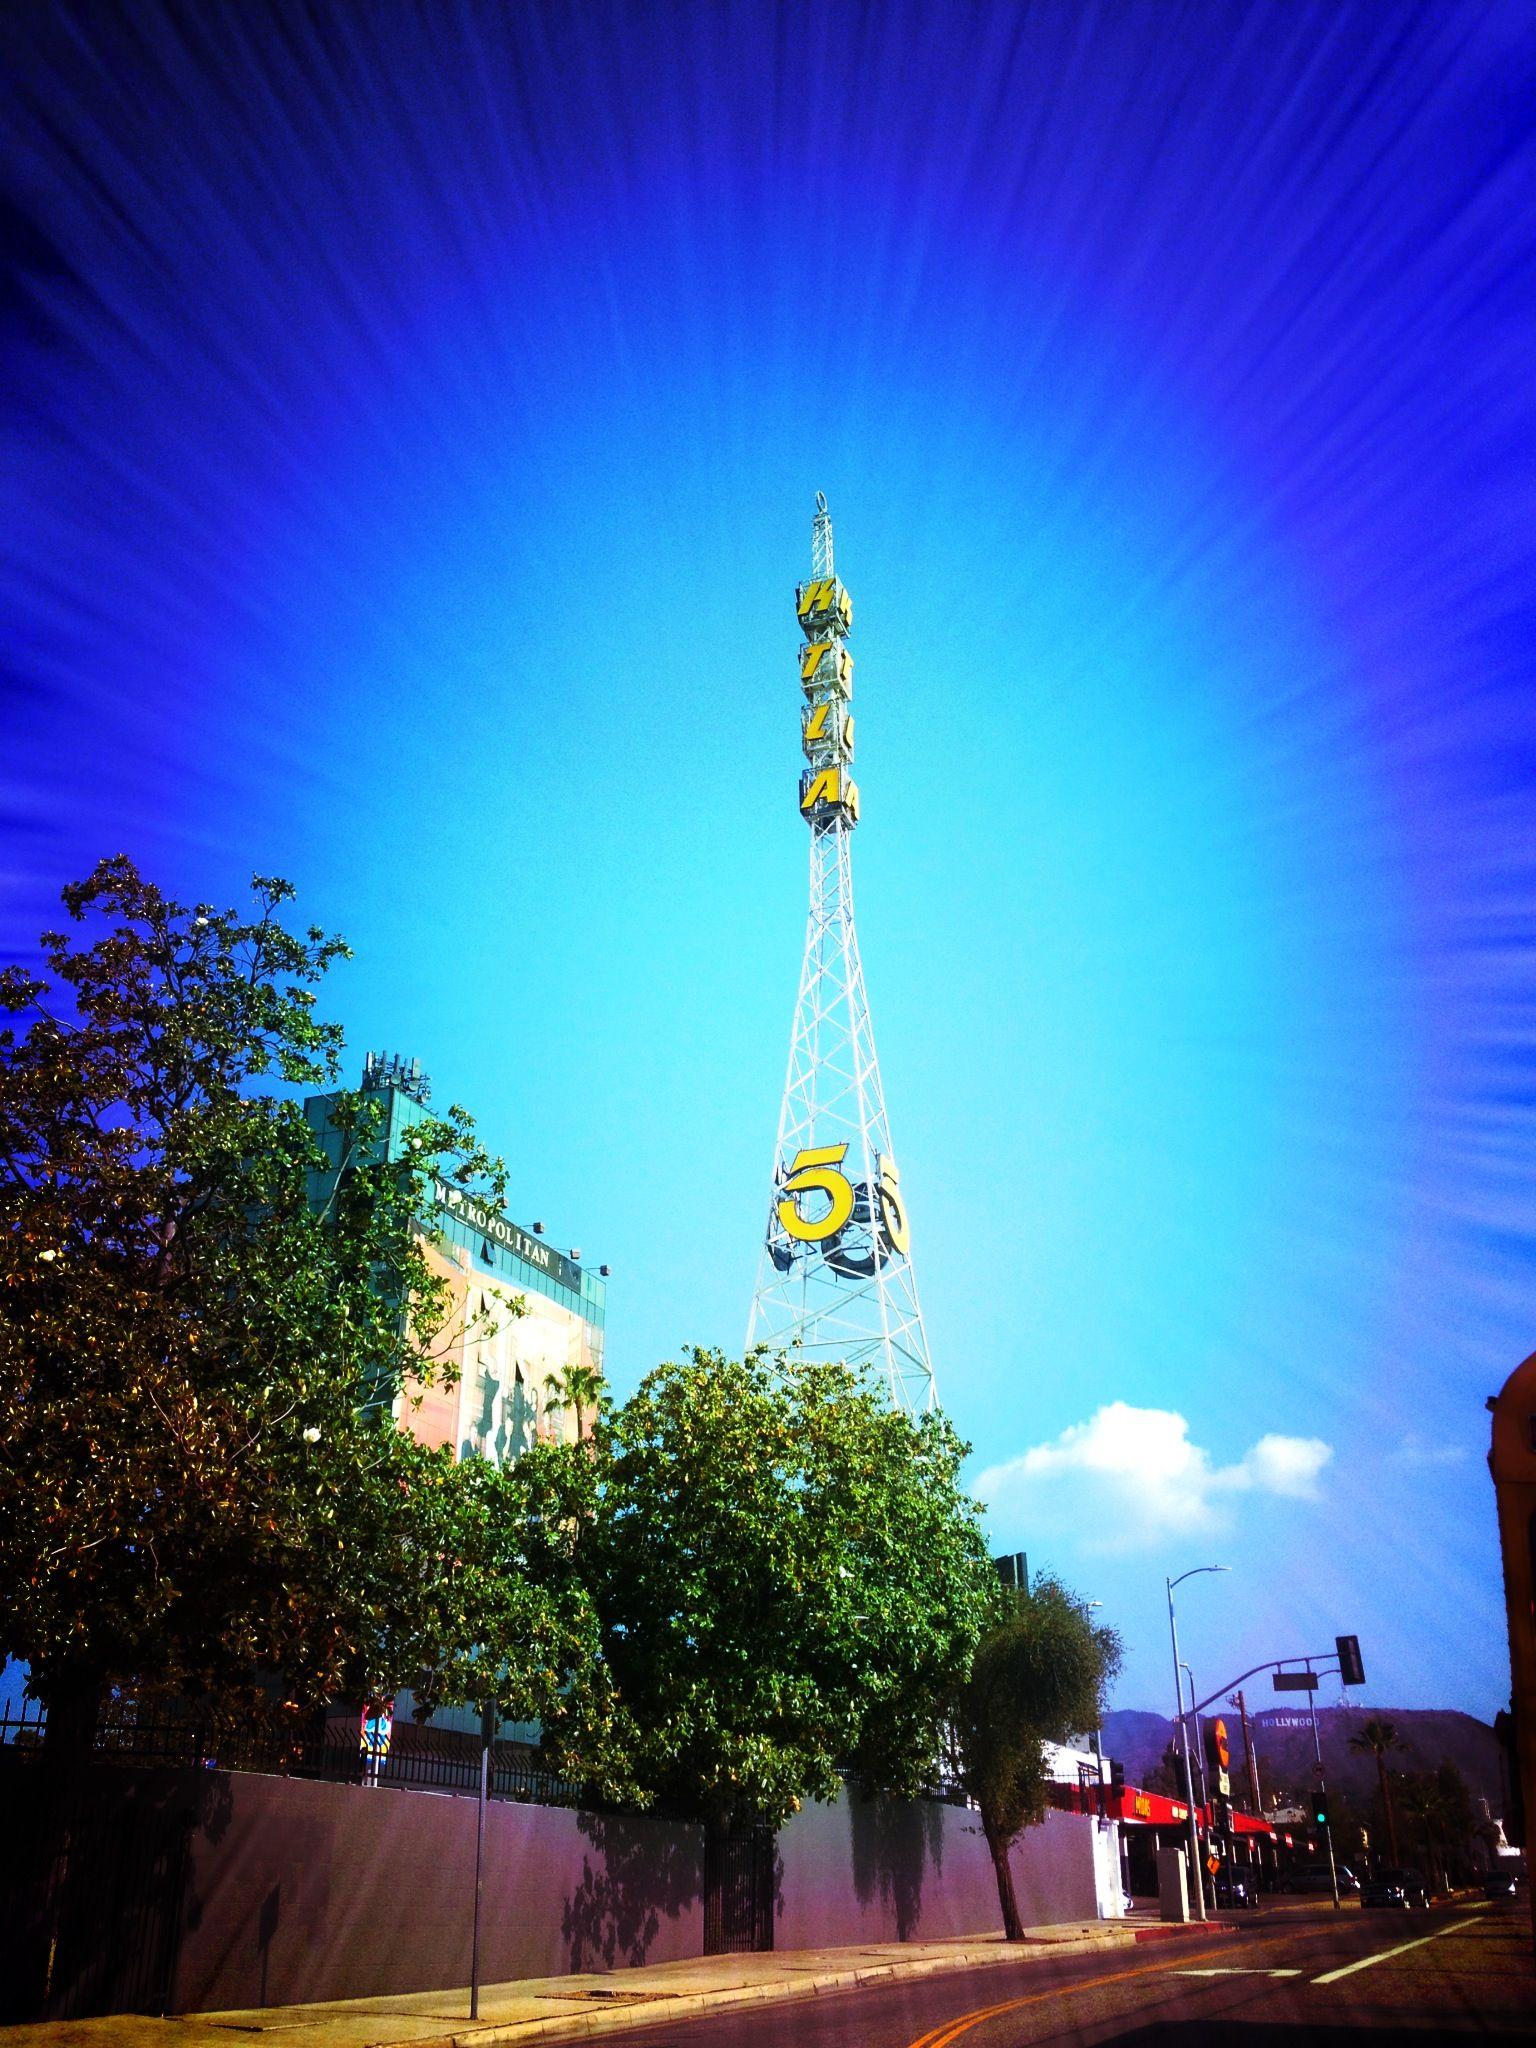 Ktla tower sunset van ness los angeles hollywood